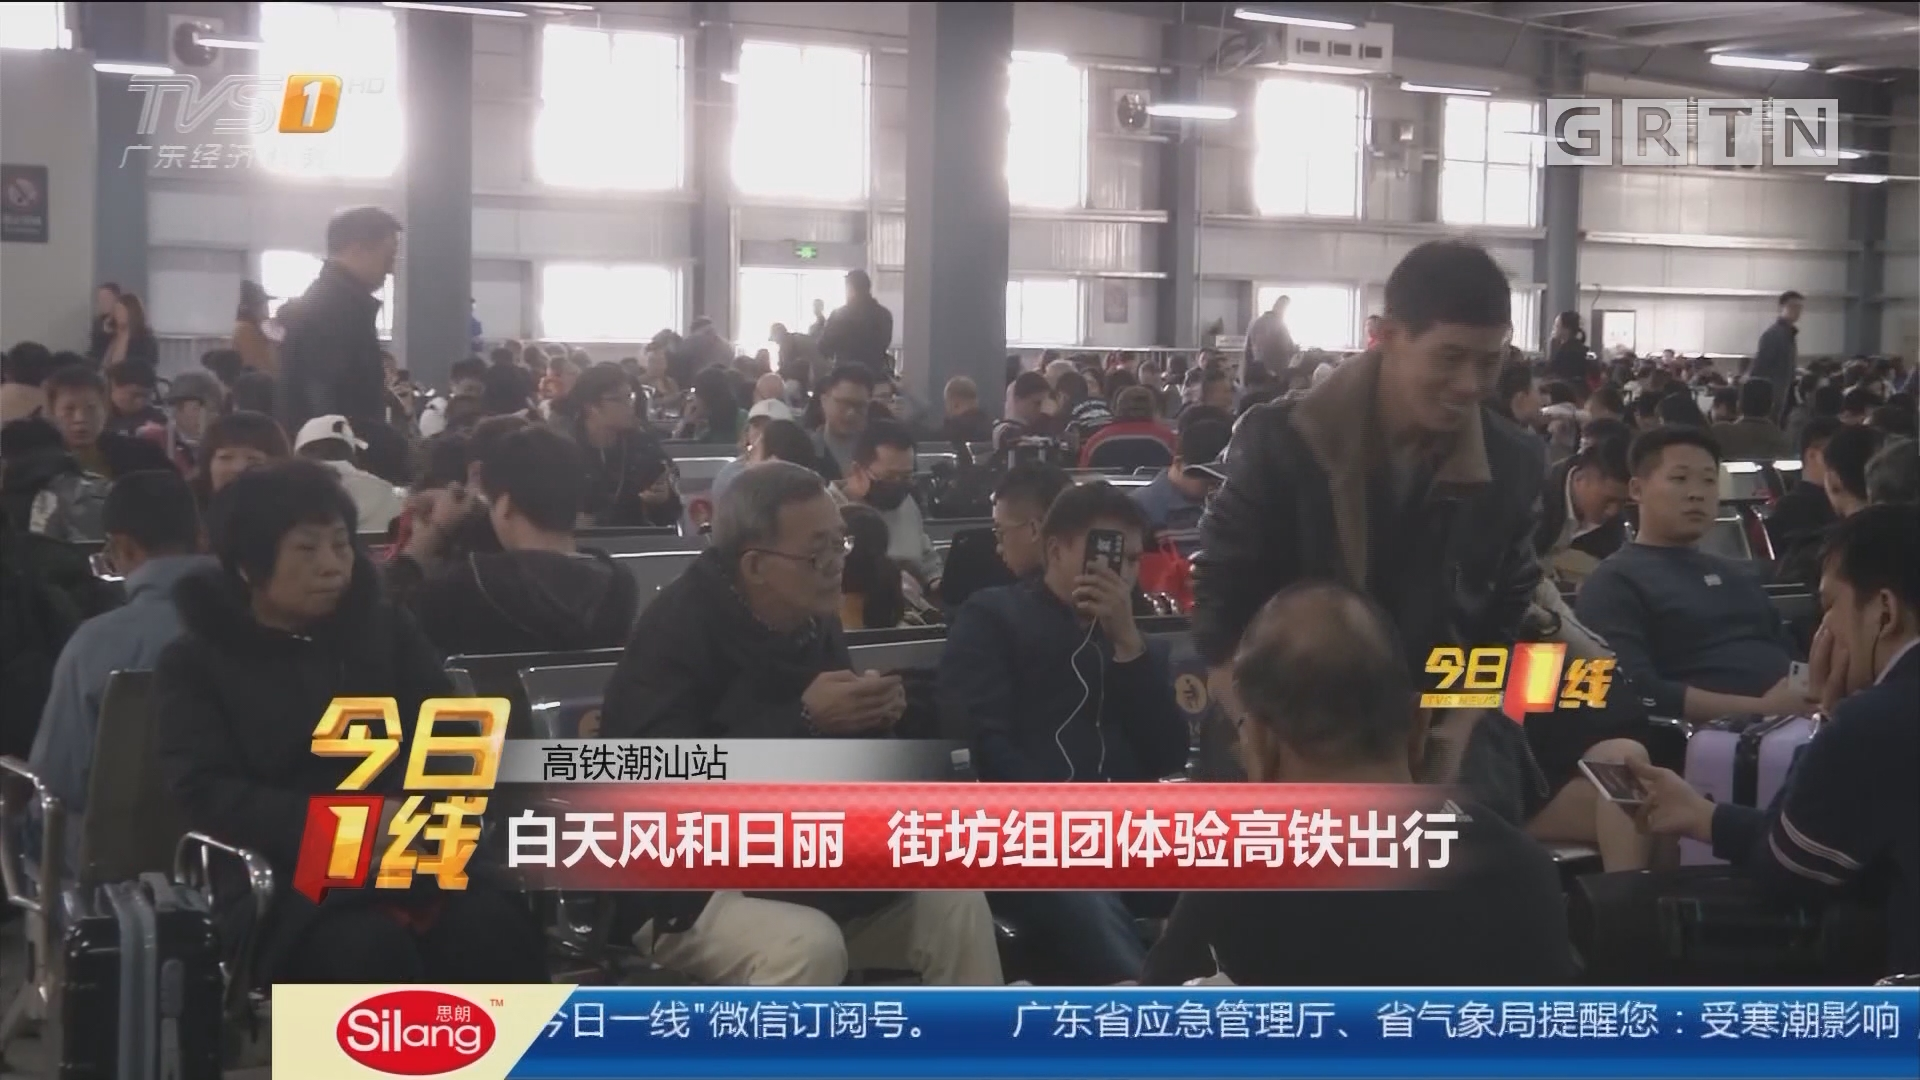 高铁潮汕站:白天风和日丽 街坊组团体验高铁出行